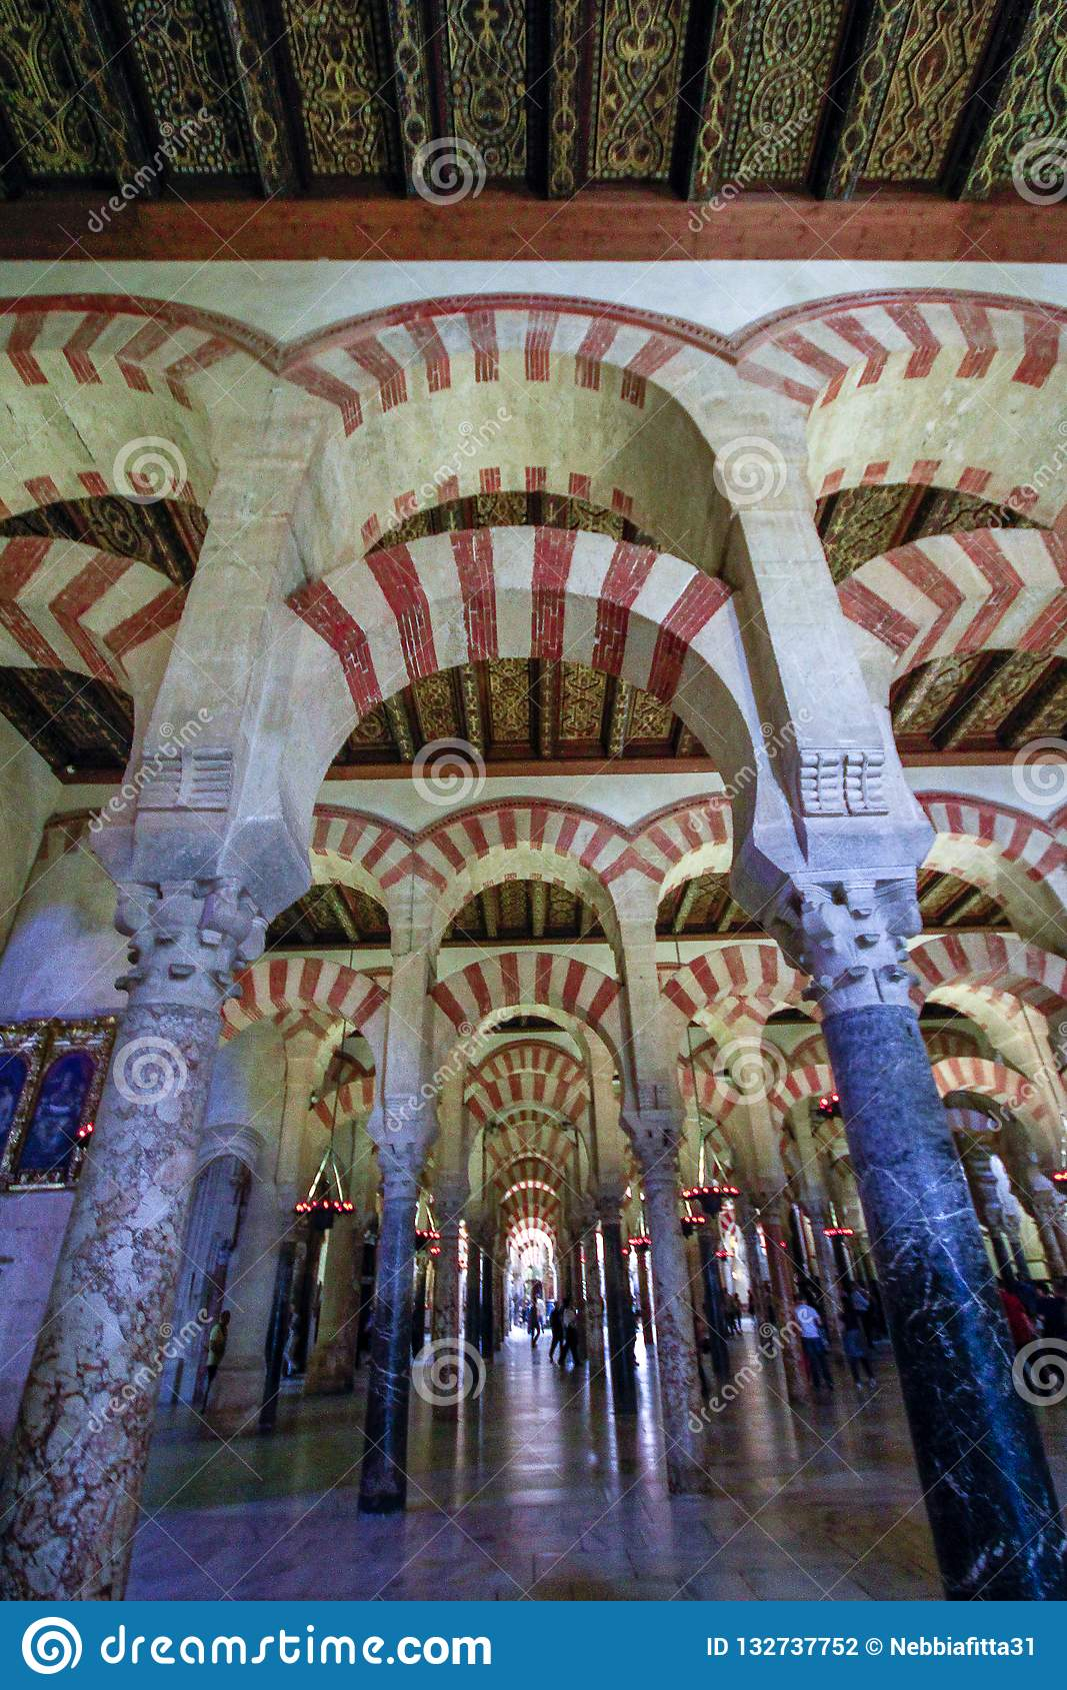 Das forrest von Säulen in der großen Moschee in Cordoba, Spanien